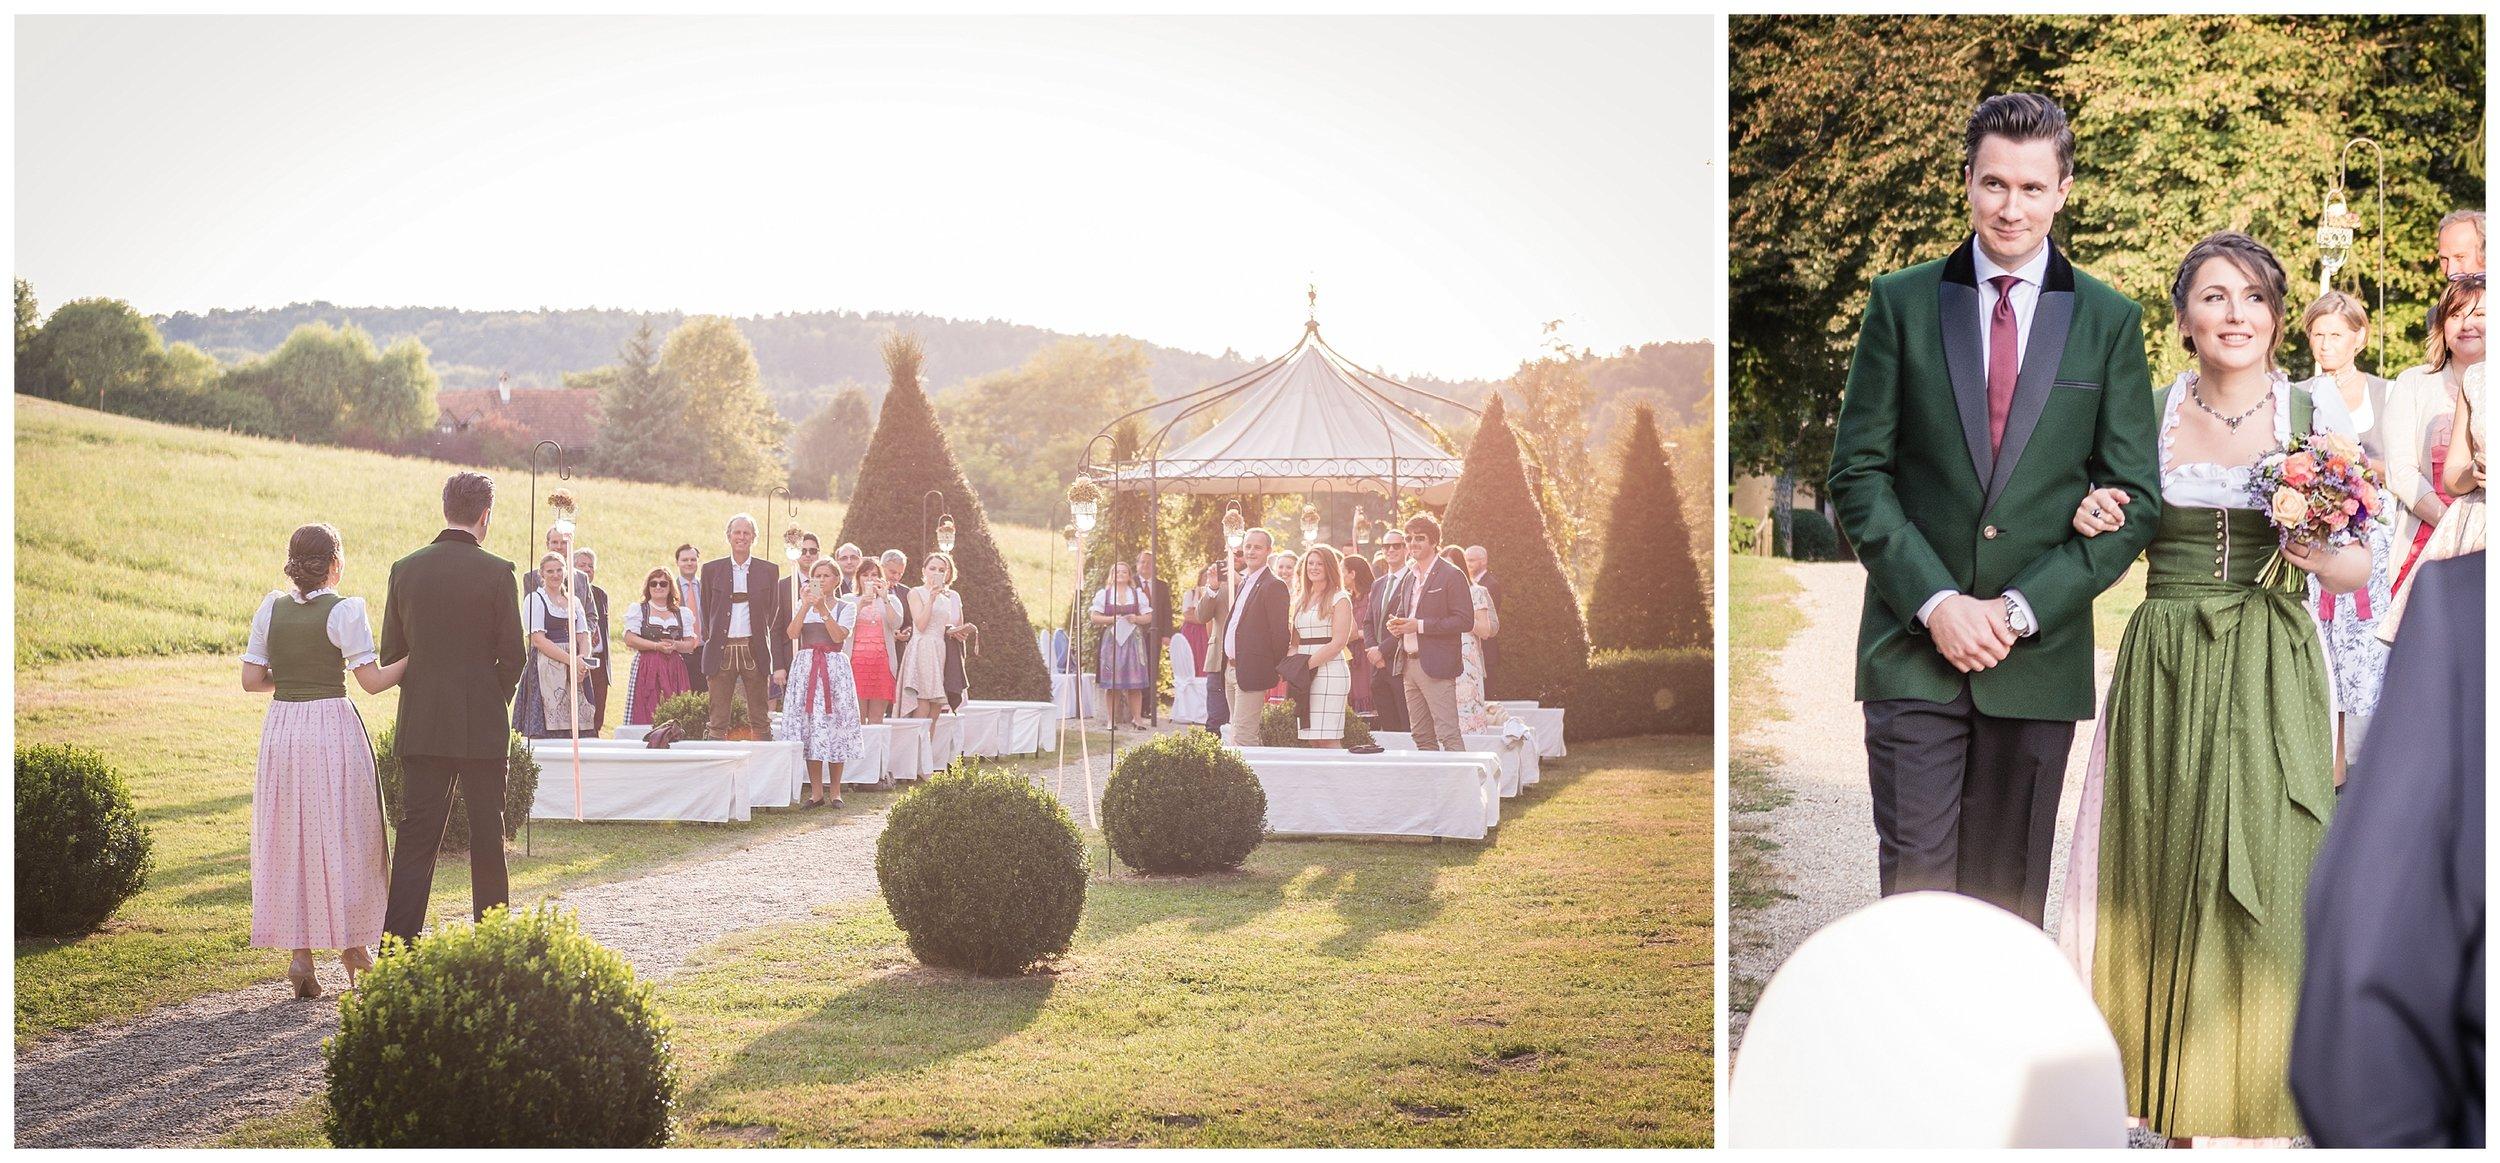 Schloss Obermayerhofen | Destination Wedding Photographer